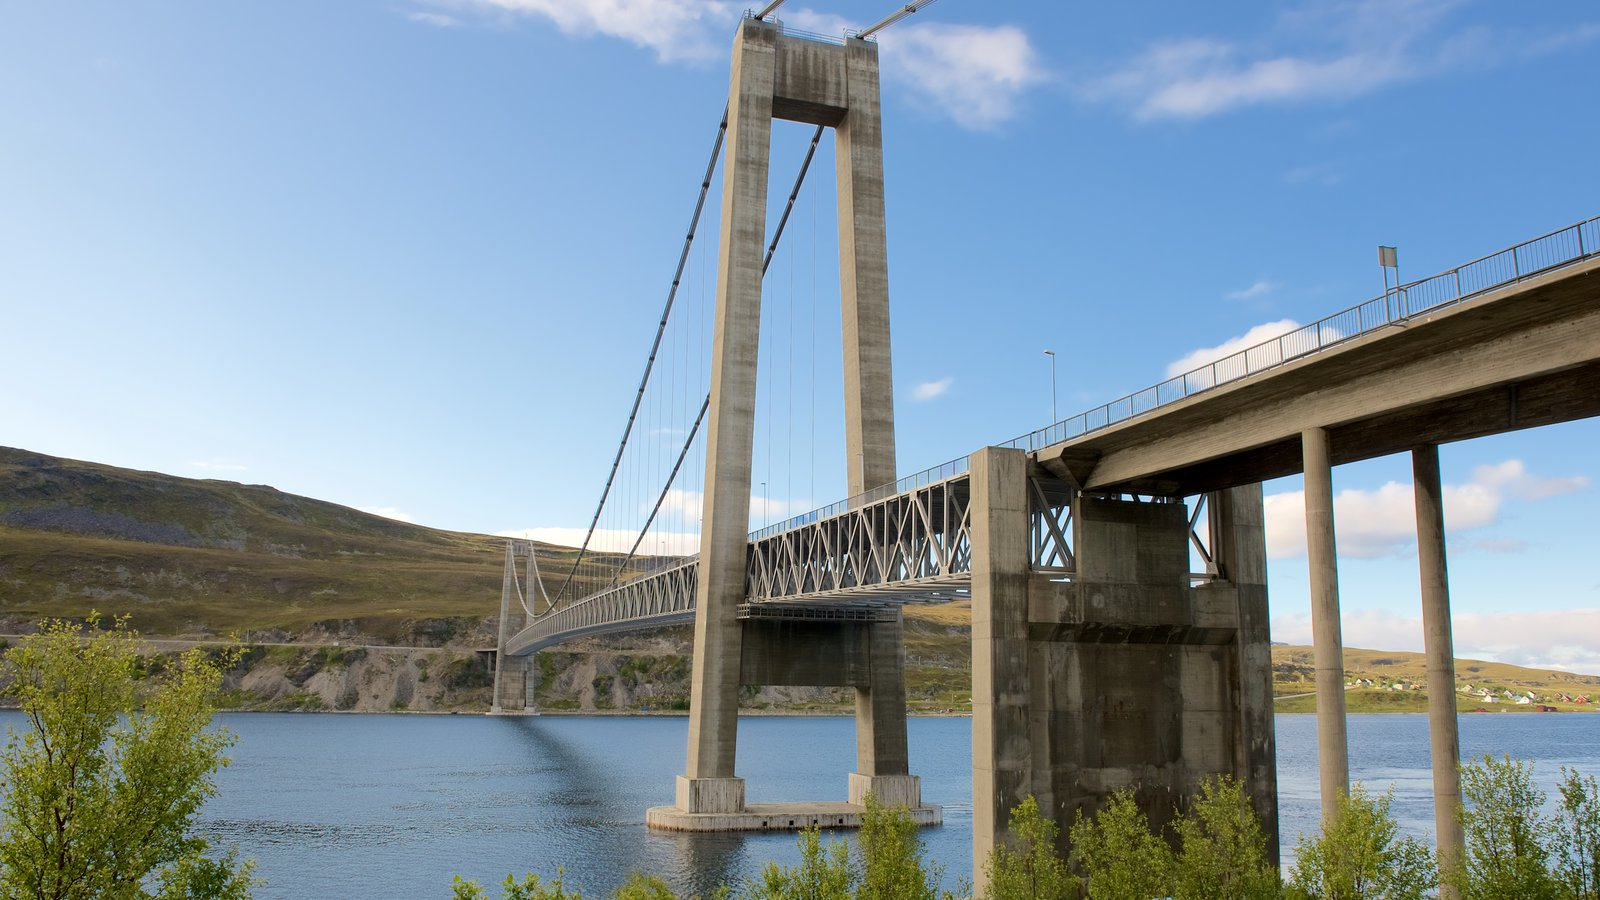 Puente de Kvalsund mostrando un puente colgante o pasarela en las copas de los árboles y vistas generales de la costa